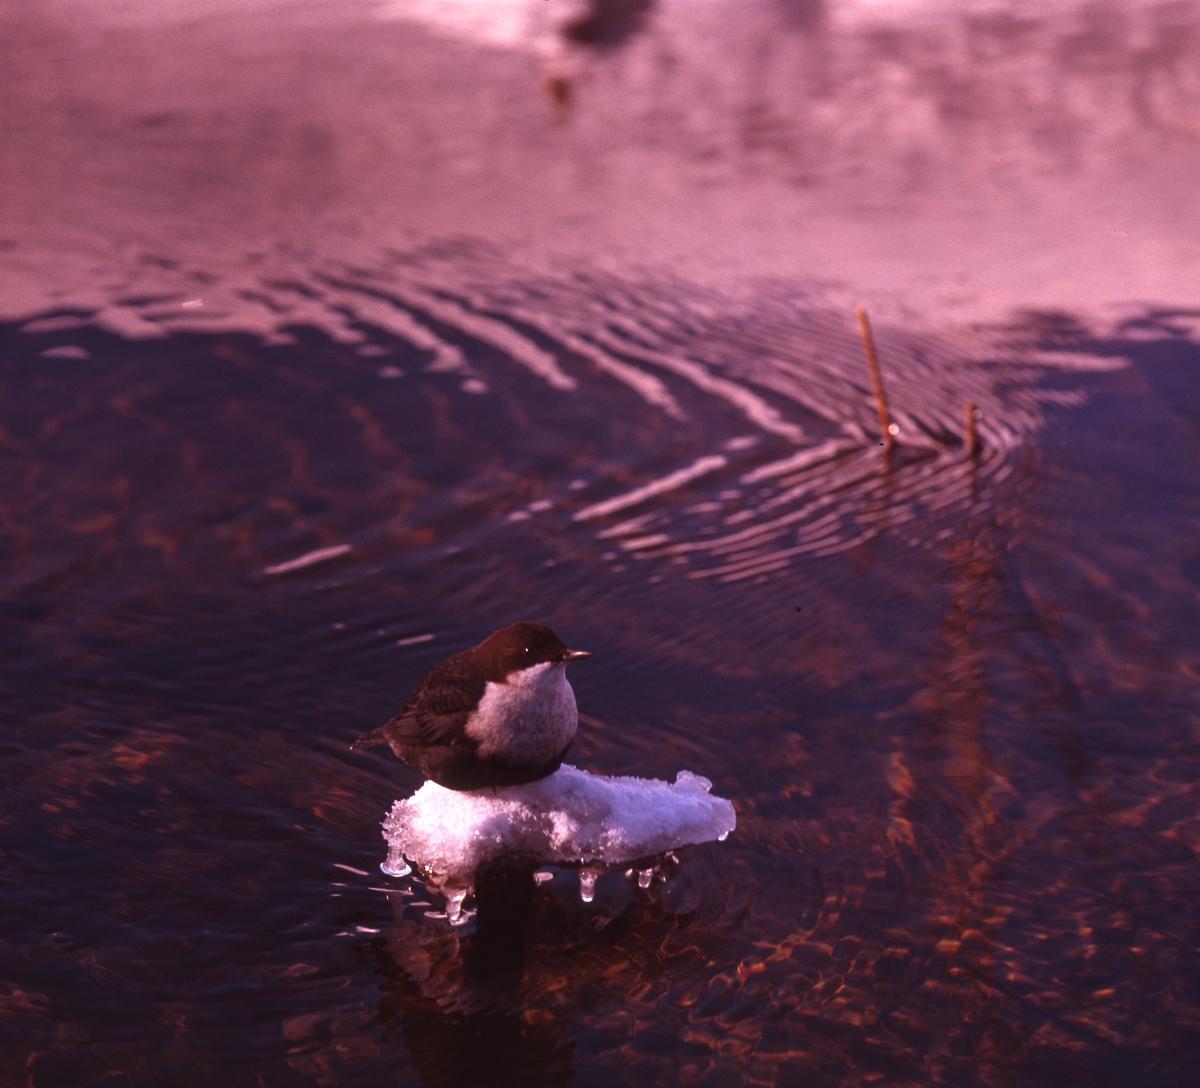 Strömstare sitter och vilar sig på en liten isfläck ute i vattnet.